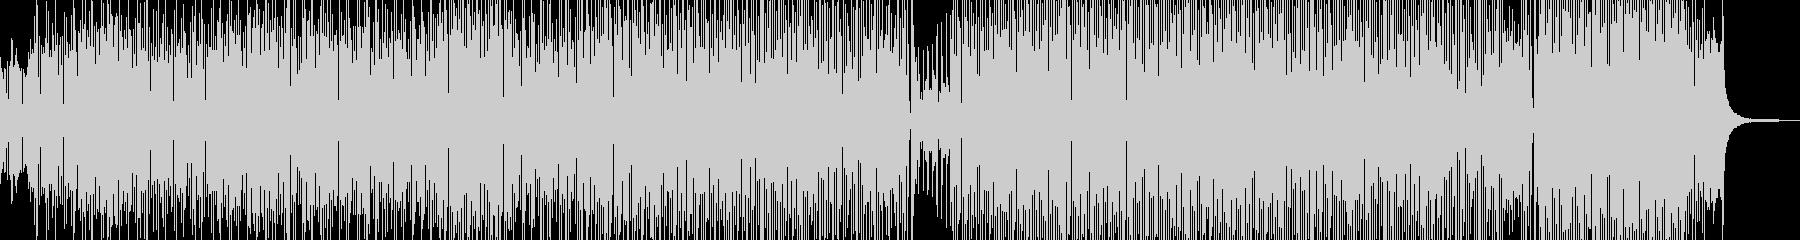 チェンバロ・ディズニー風パレードポップの未再生の波形